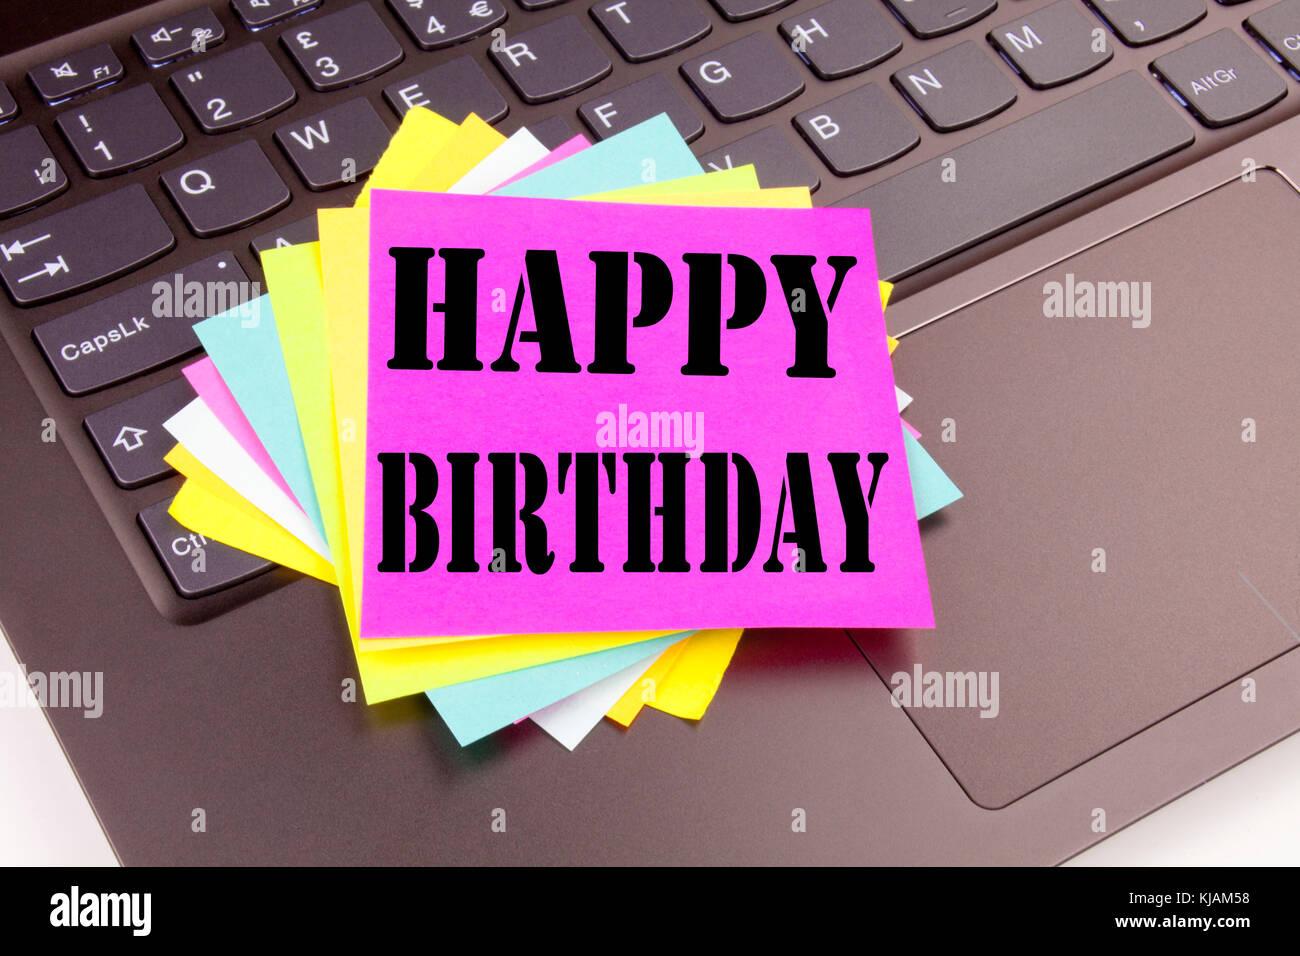 Anniversario Ufficio : La scrittura di buon compleanno testo made in ufficio close up sul